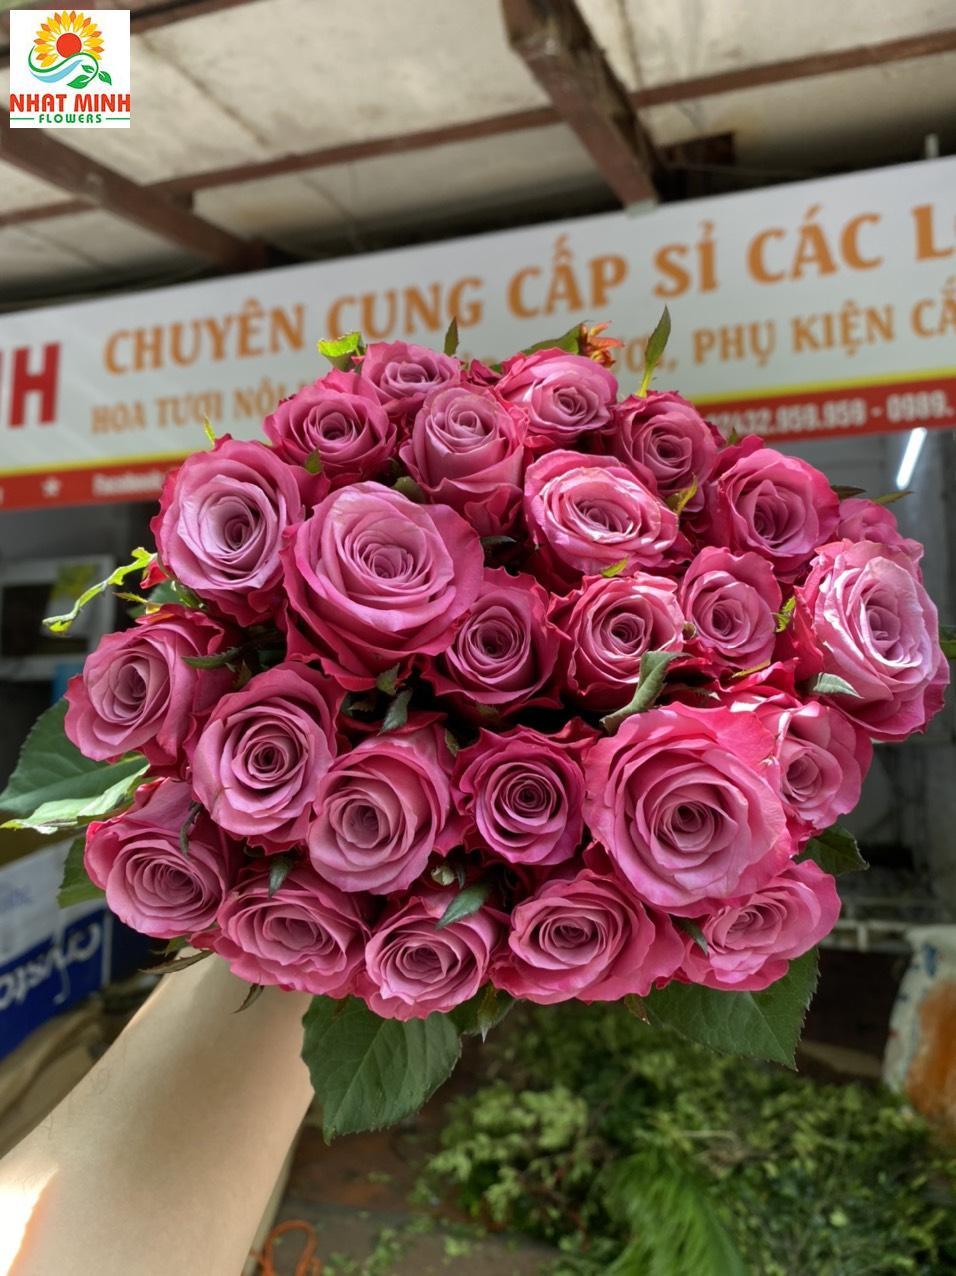 Hoa hồng tím xoáy đà lạt